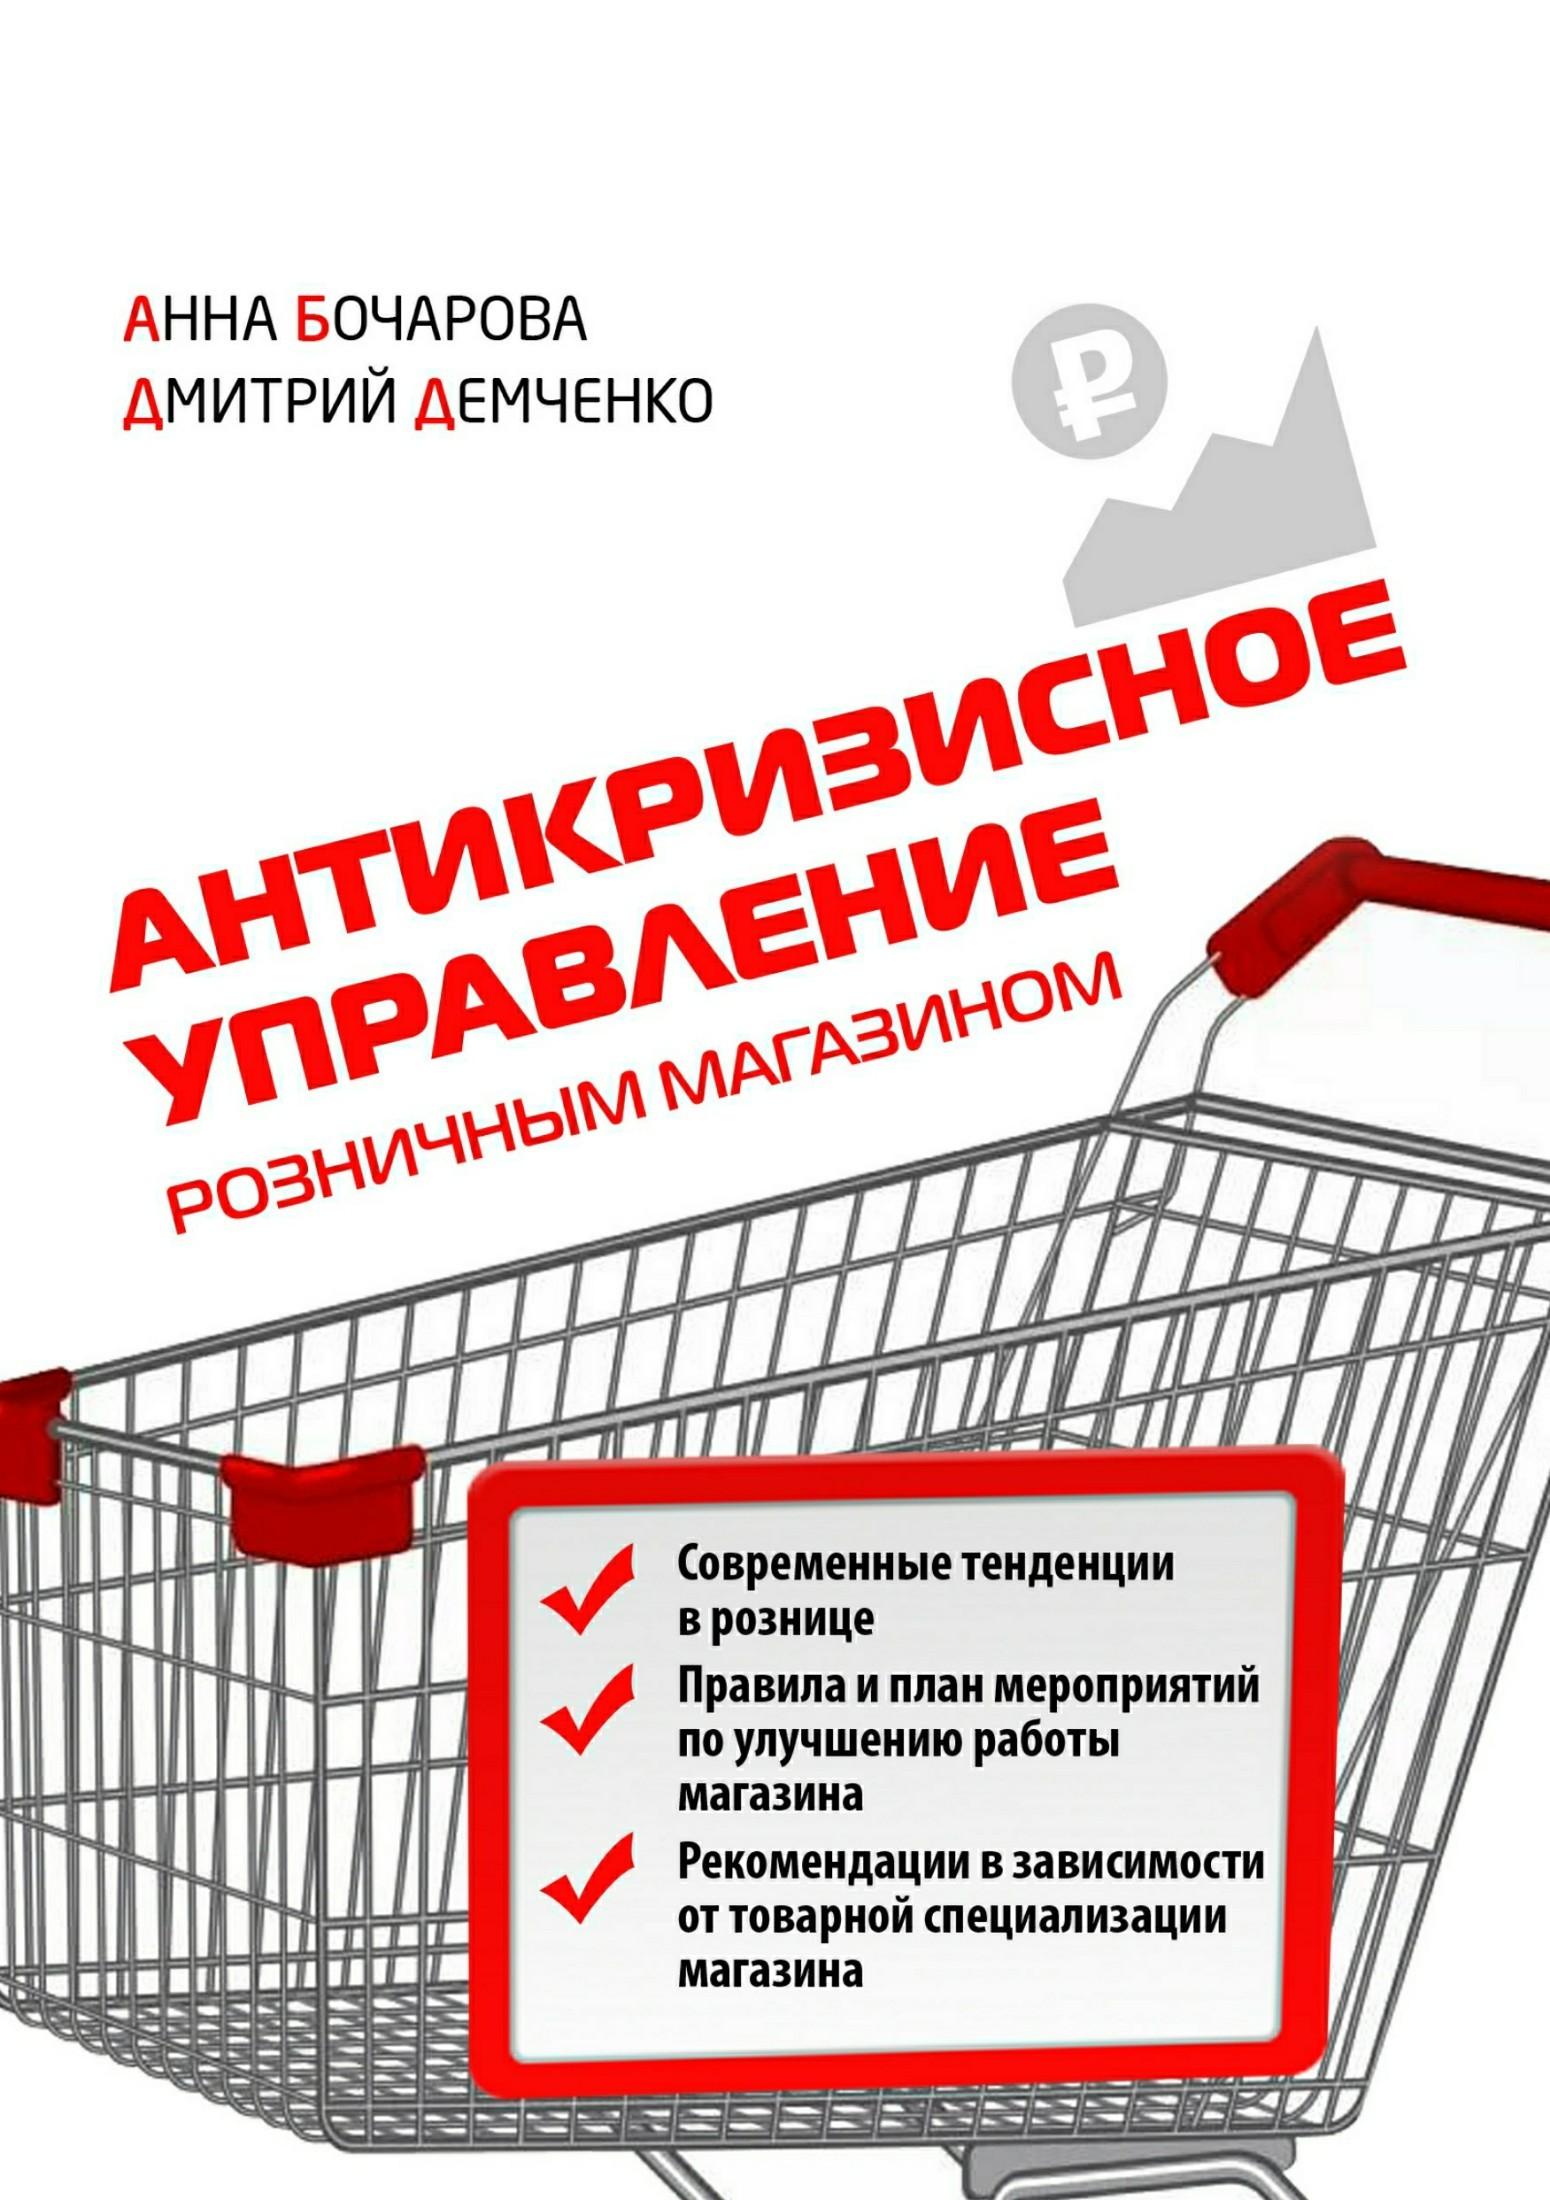 Дмитрий Демченко Антикризисное управление розничным магазином к а гореликов антикризисное управление